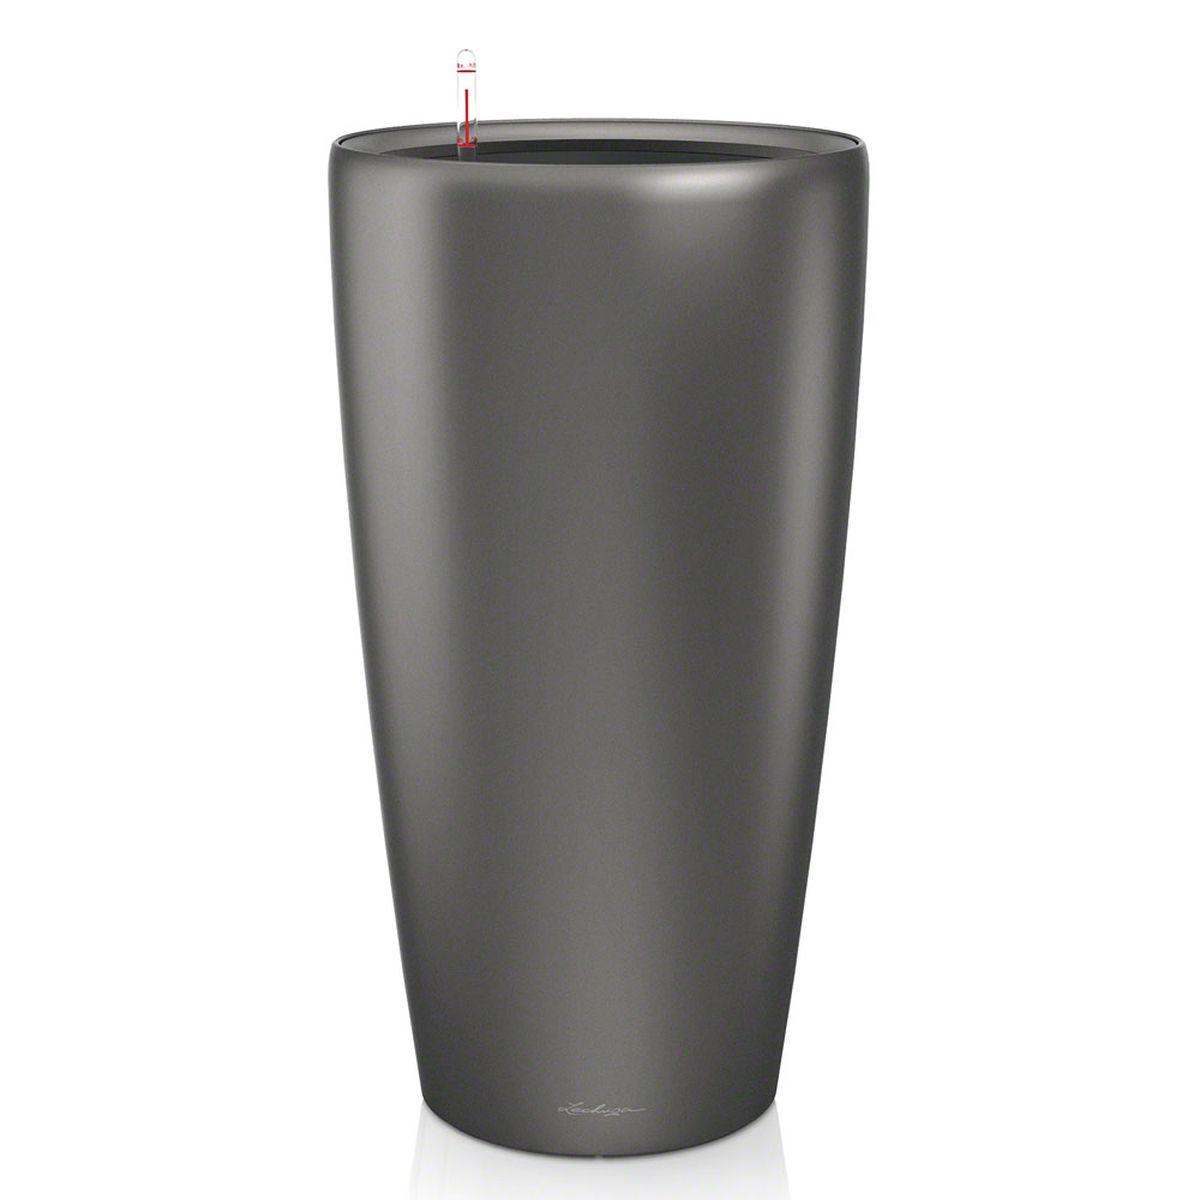 Кашпо Lechuza Rondo, с системой автополива, цвет: антрацит, диаметр 40 см15743Кашпо Lechuza Rondo, изготовленное из высококачественного пластика, идеальное решение для тех, кто регулярно забывает поливать комнатные растения. Стильный дизайн позволит украсить растениями офис, кафе или любое другое помещение. Кашпо Lechuza Rondo с системой автополива упростит уход за вашими цветами и поможет растениям получать то количество влаги, которое им необходимо в данный момент времени.В набор входит: кашпо, внутренний горшок, индикатор уровня воды, вал подачи воды, субстрат растений в качестве дренажного слоя, резервуар для воды.Внутренний горшок, оснащенный выдвижными ручками, обеспечивает:- легкую переноску даже высоких растений;- легкую смену растений;- можно также просто убрать растения на зиму;- винт в днище позволяет стечь излишней дождевой воде наружу.Кашпо Lechuza Rondo украсит любой интерьер и станет замечательным подарком для ваших родных и близких.